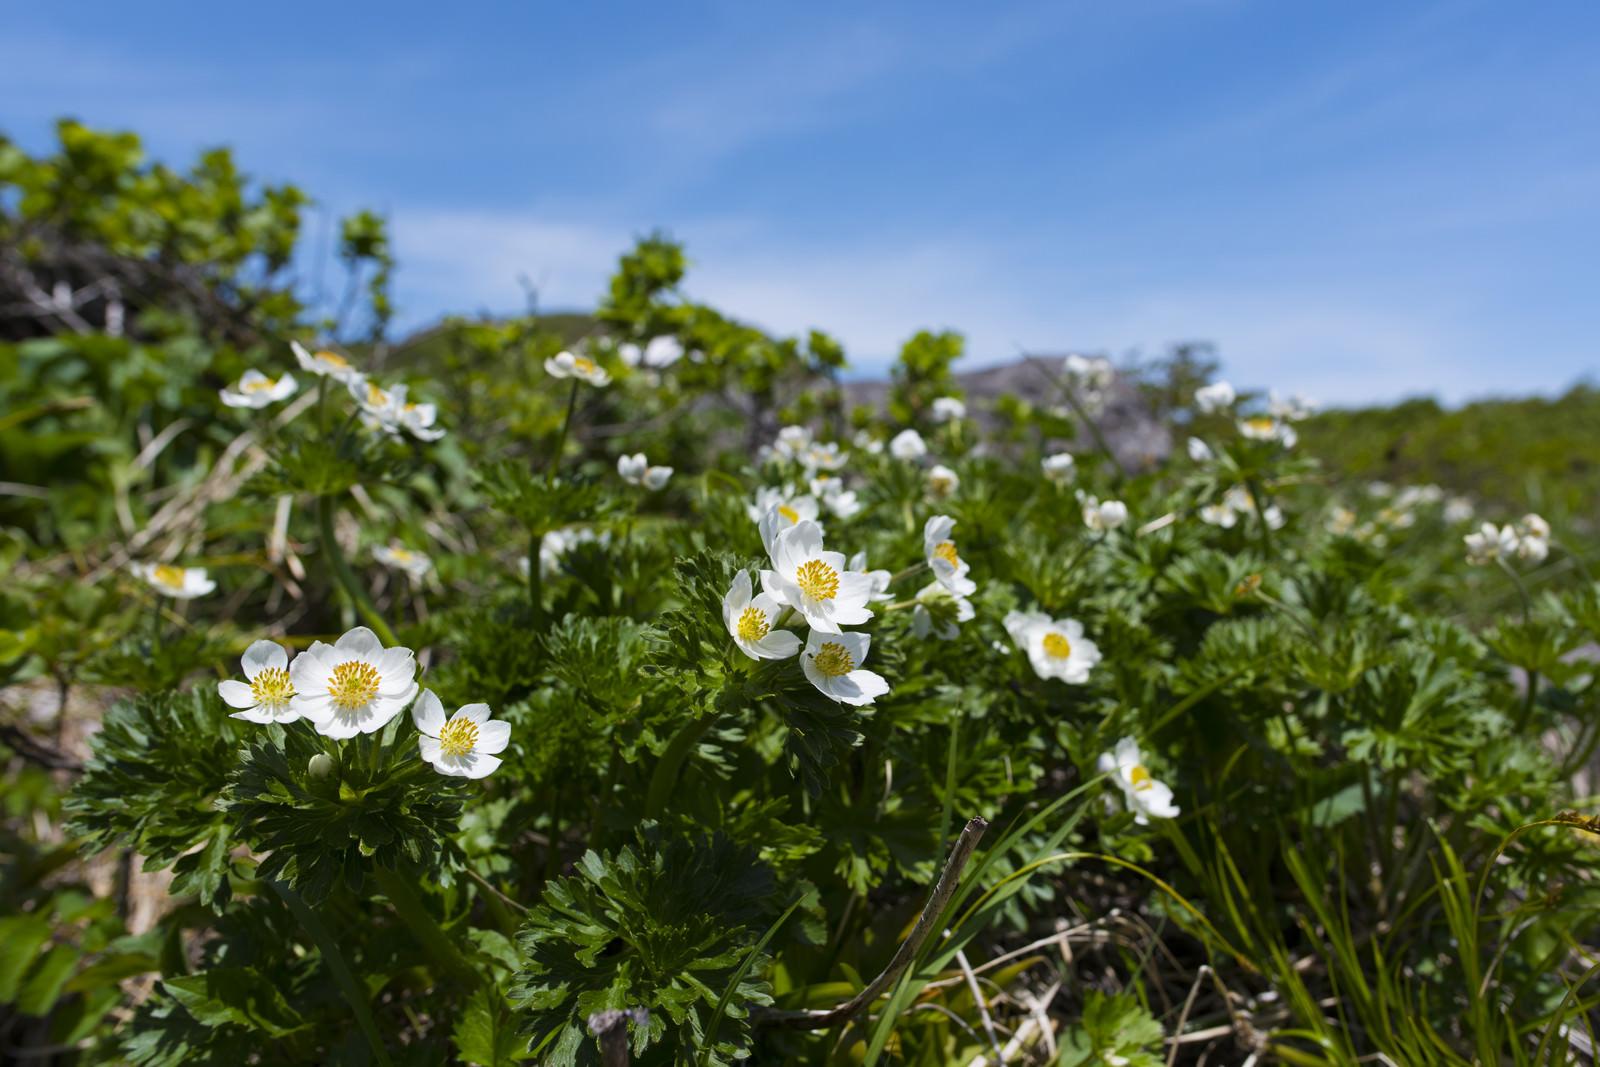 「高山に咲く白山一花(ハクサンイチゲ)」の写真